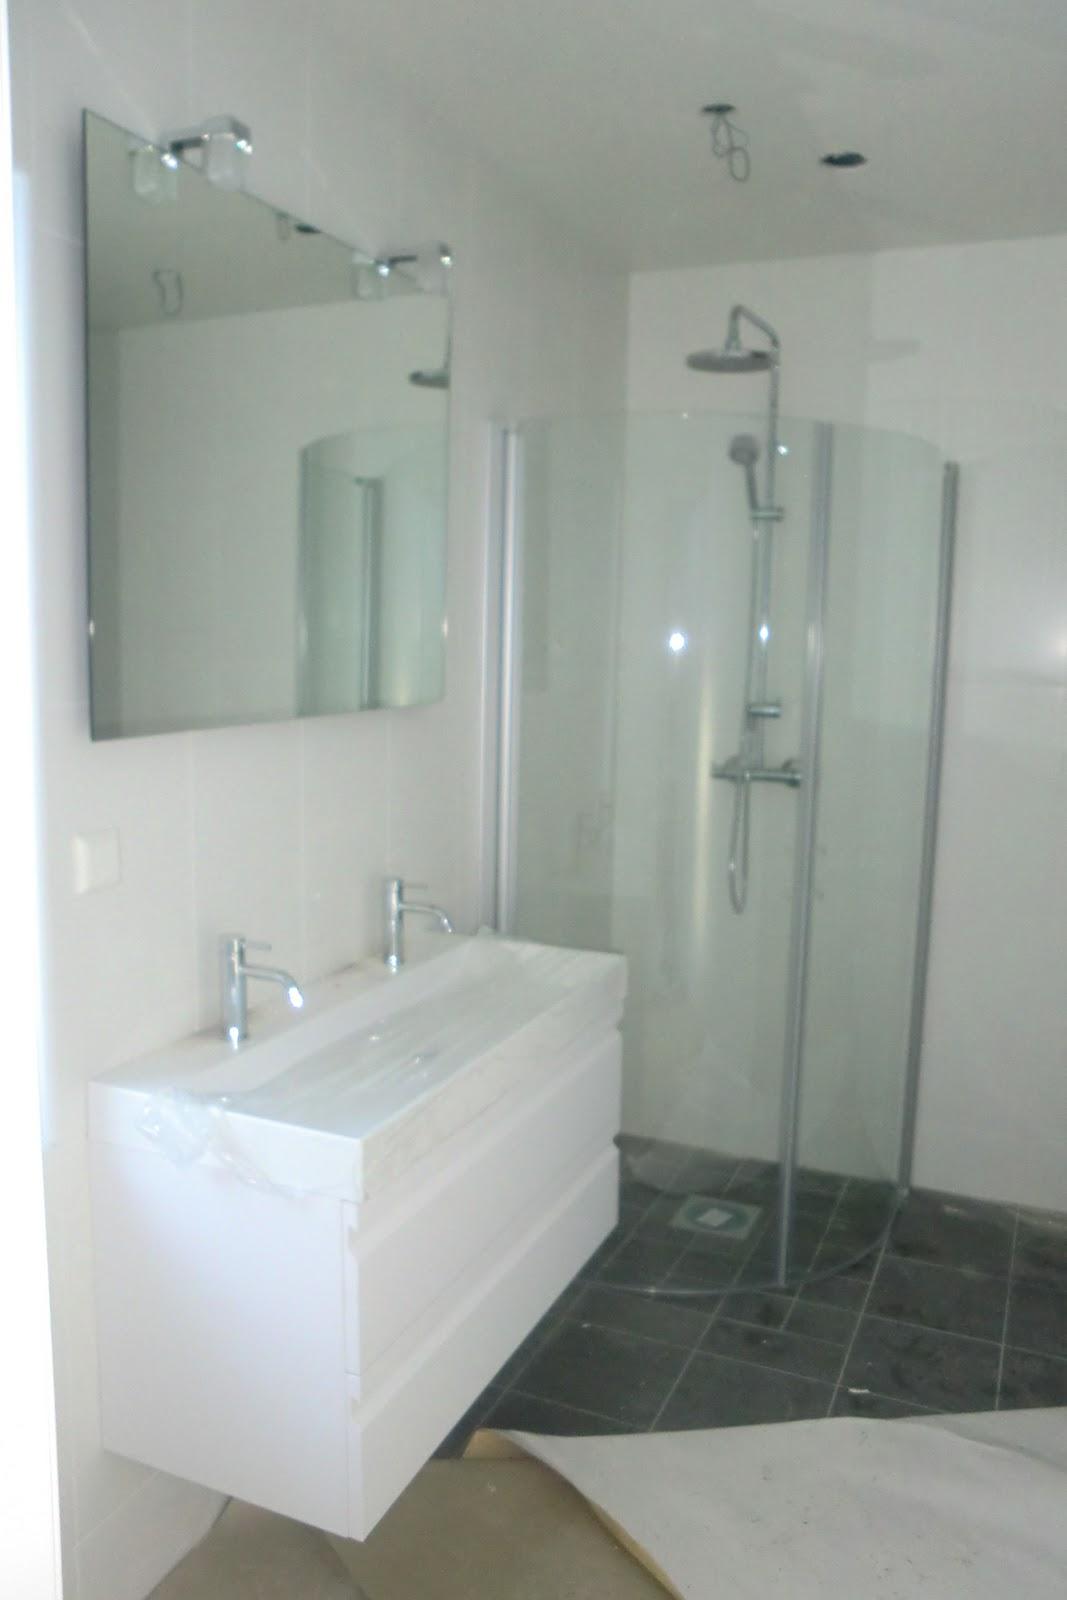 Lilla villa djupsundet: lite bilder från våra badrum